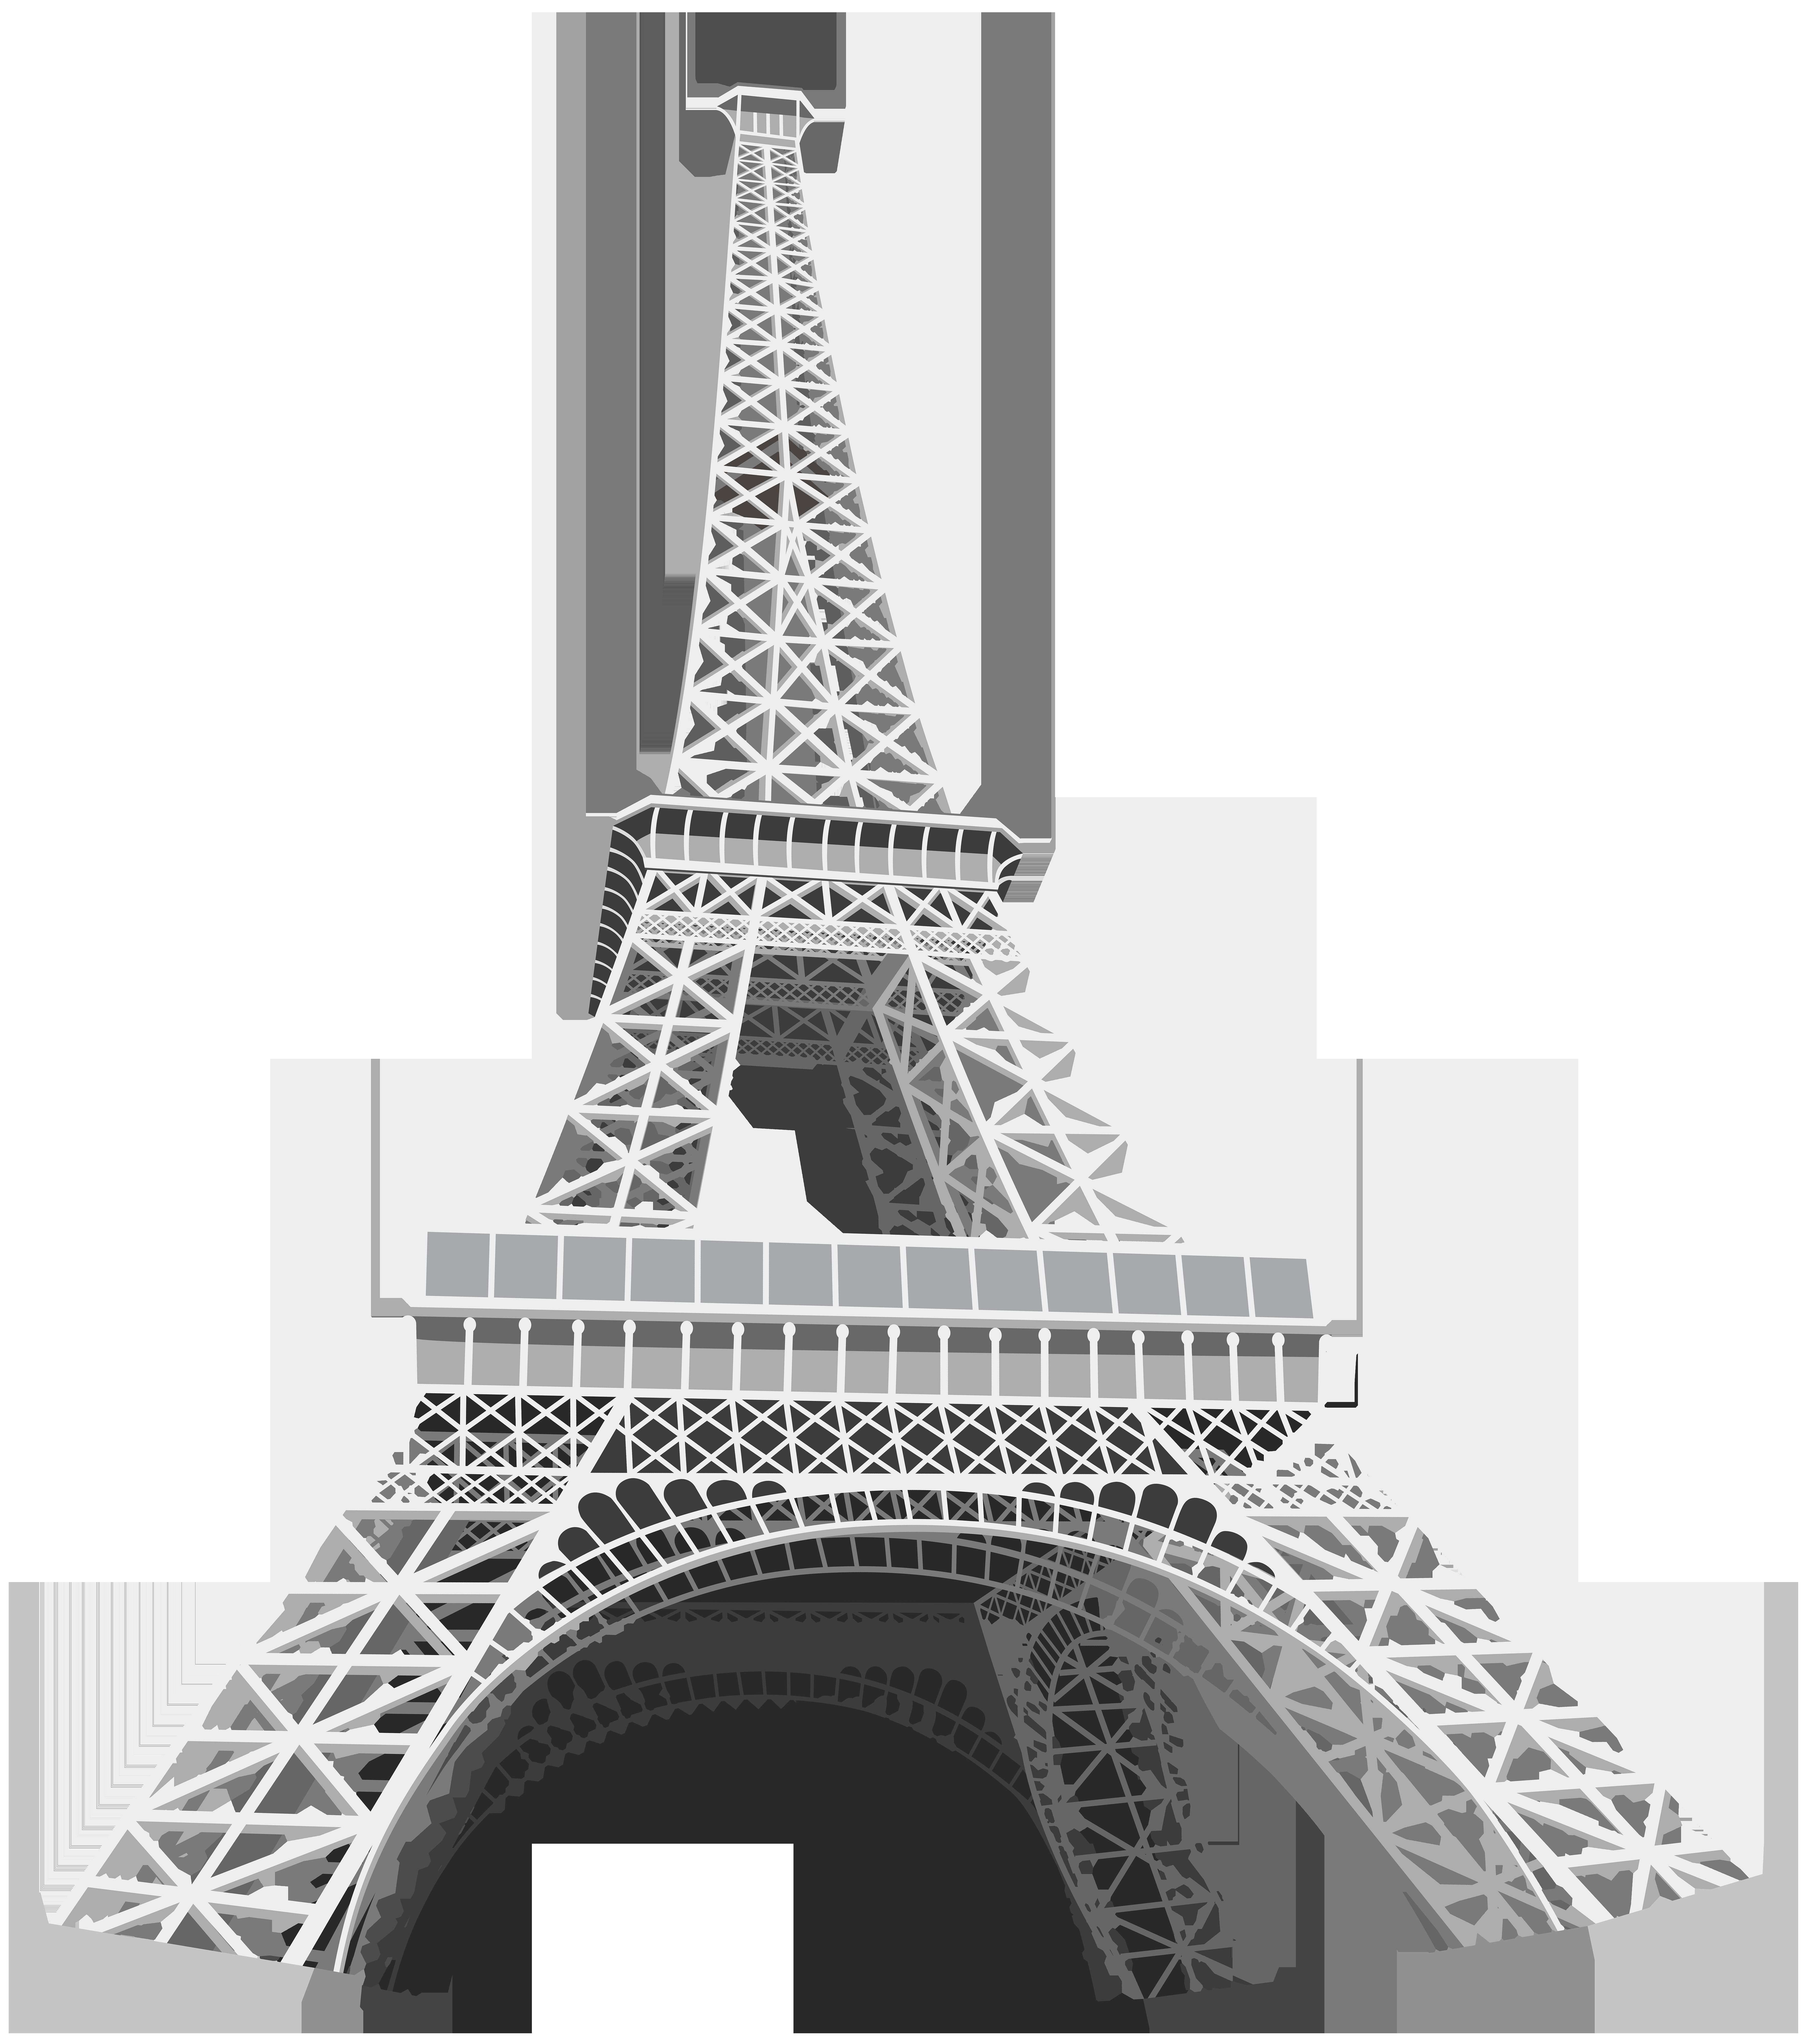 Eiffel Tower Transparent Clip Art Image.